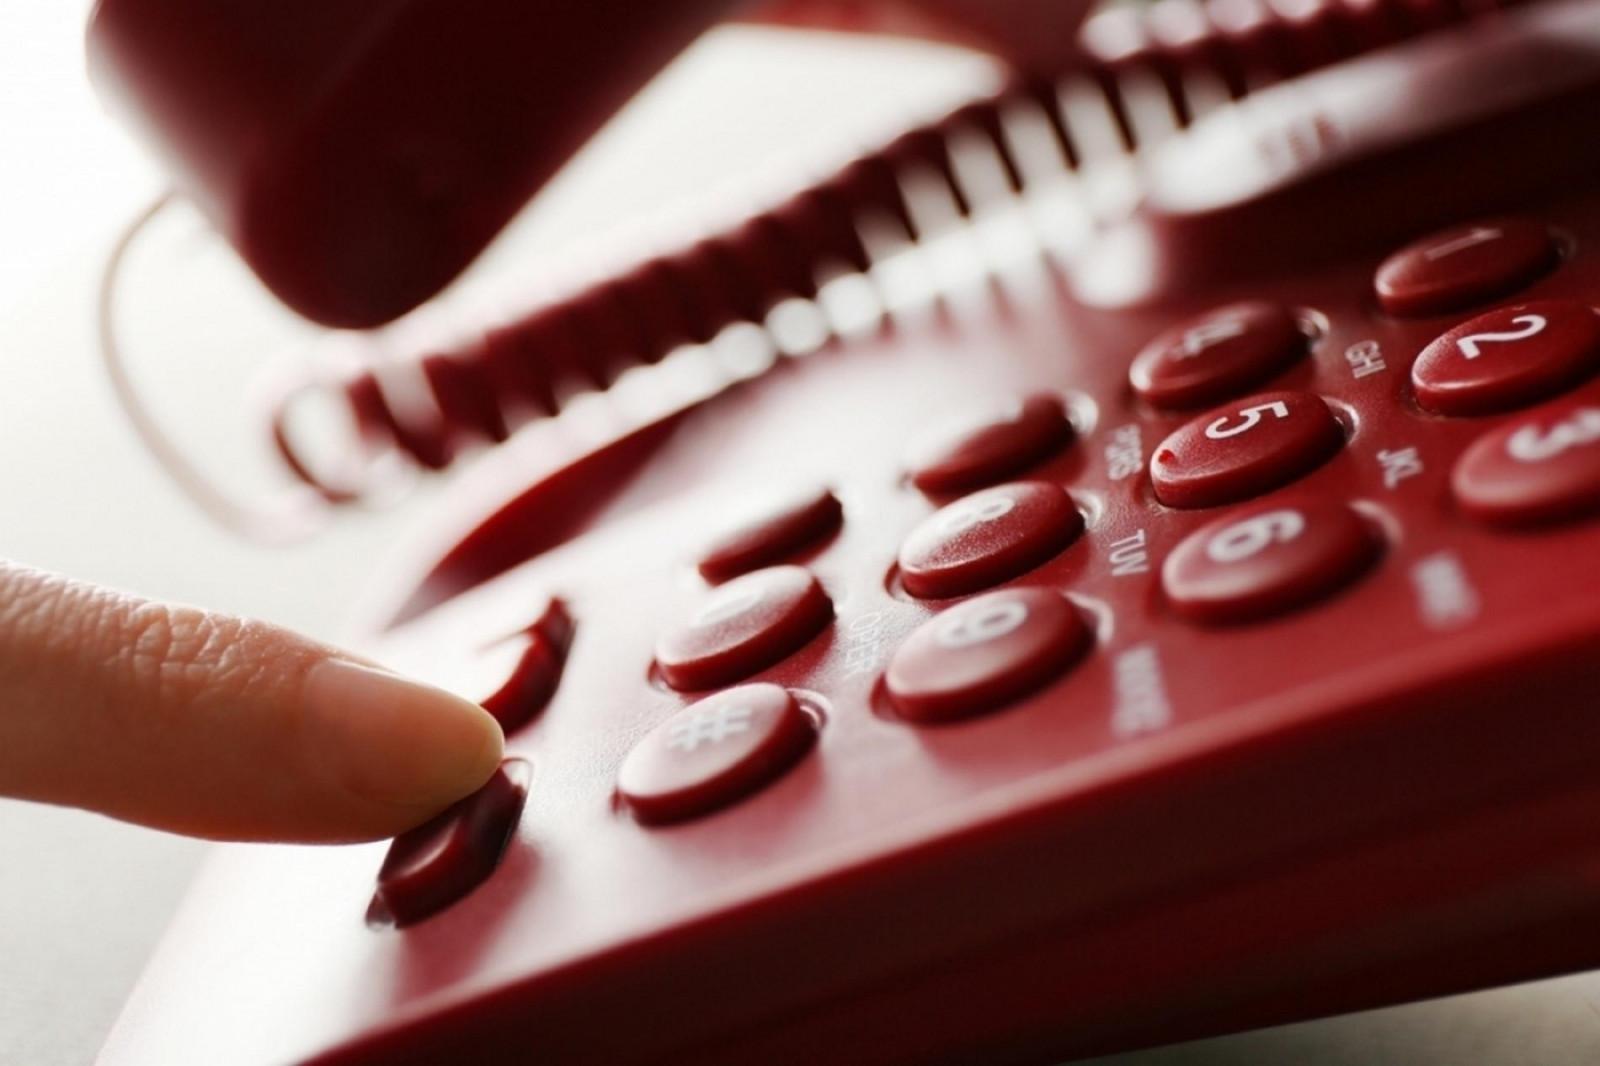 В Калмыкии пенсионный фонд открыл телефонную линию для приема заявлений на детские выплаты